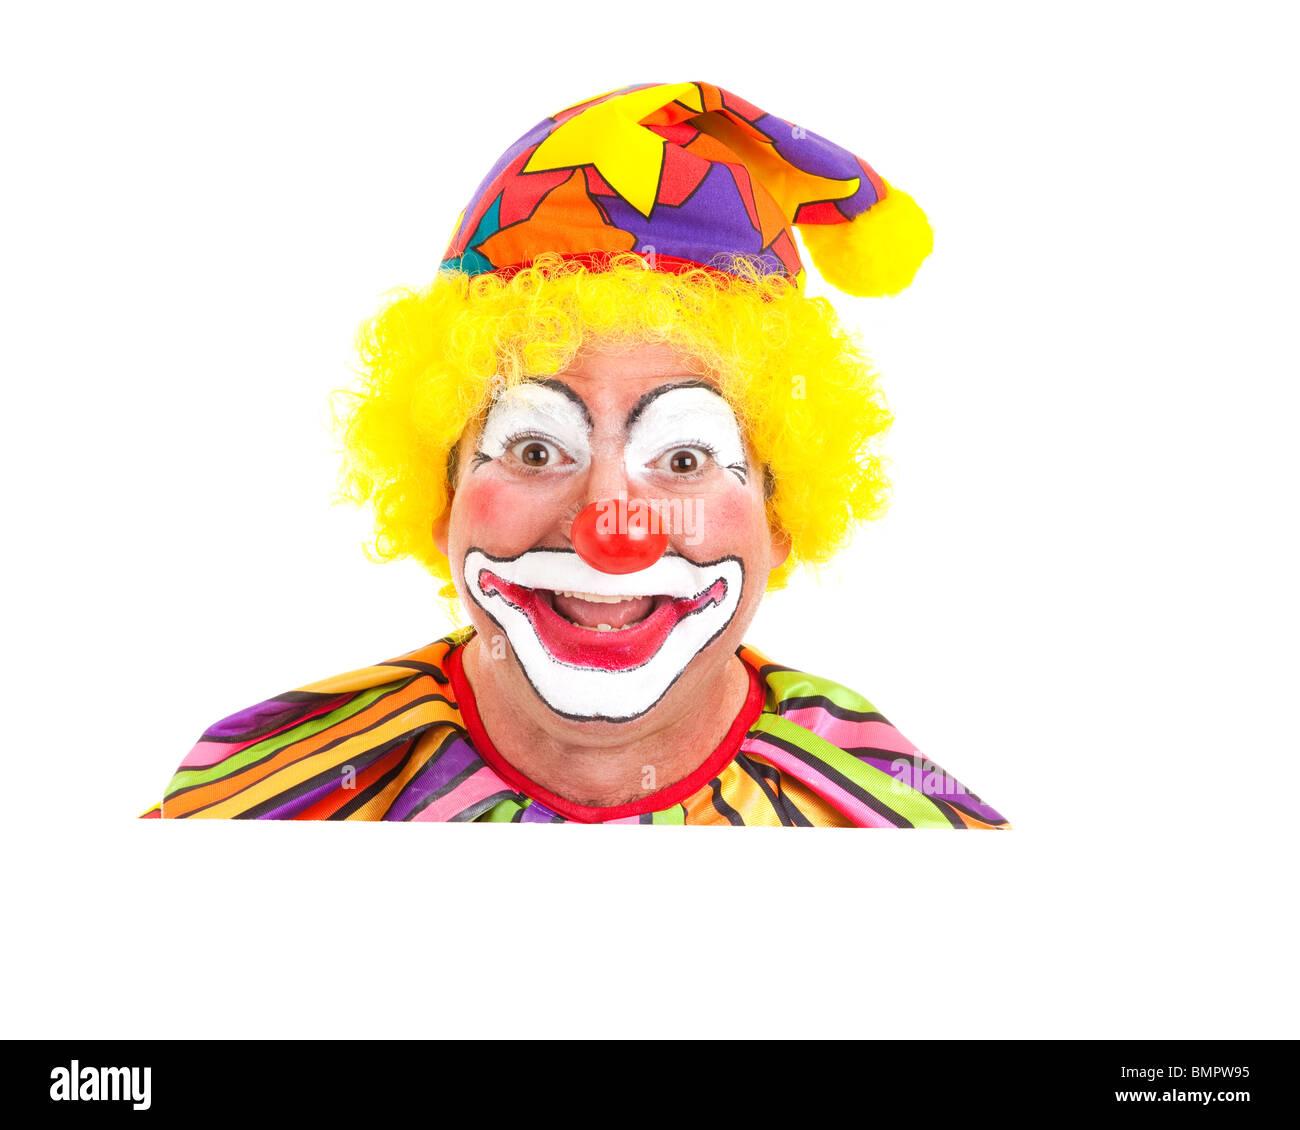 Faccia Da Clown Peeking Su Spazio Bianco Isolato Elemento Di Design